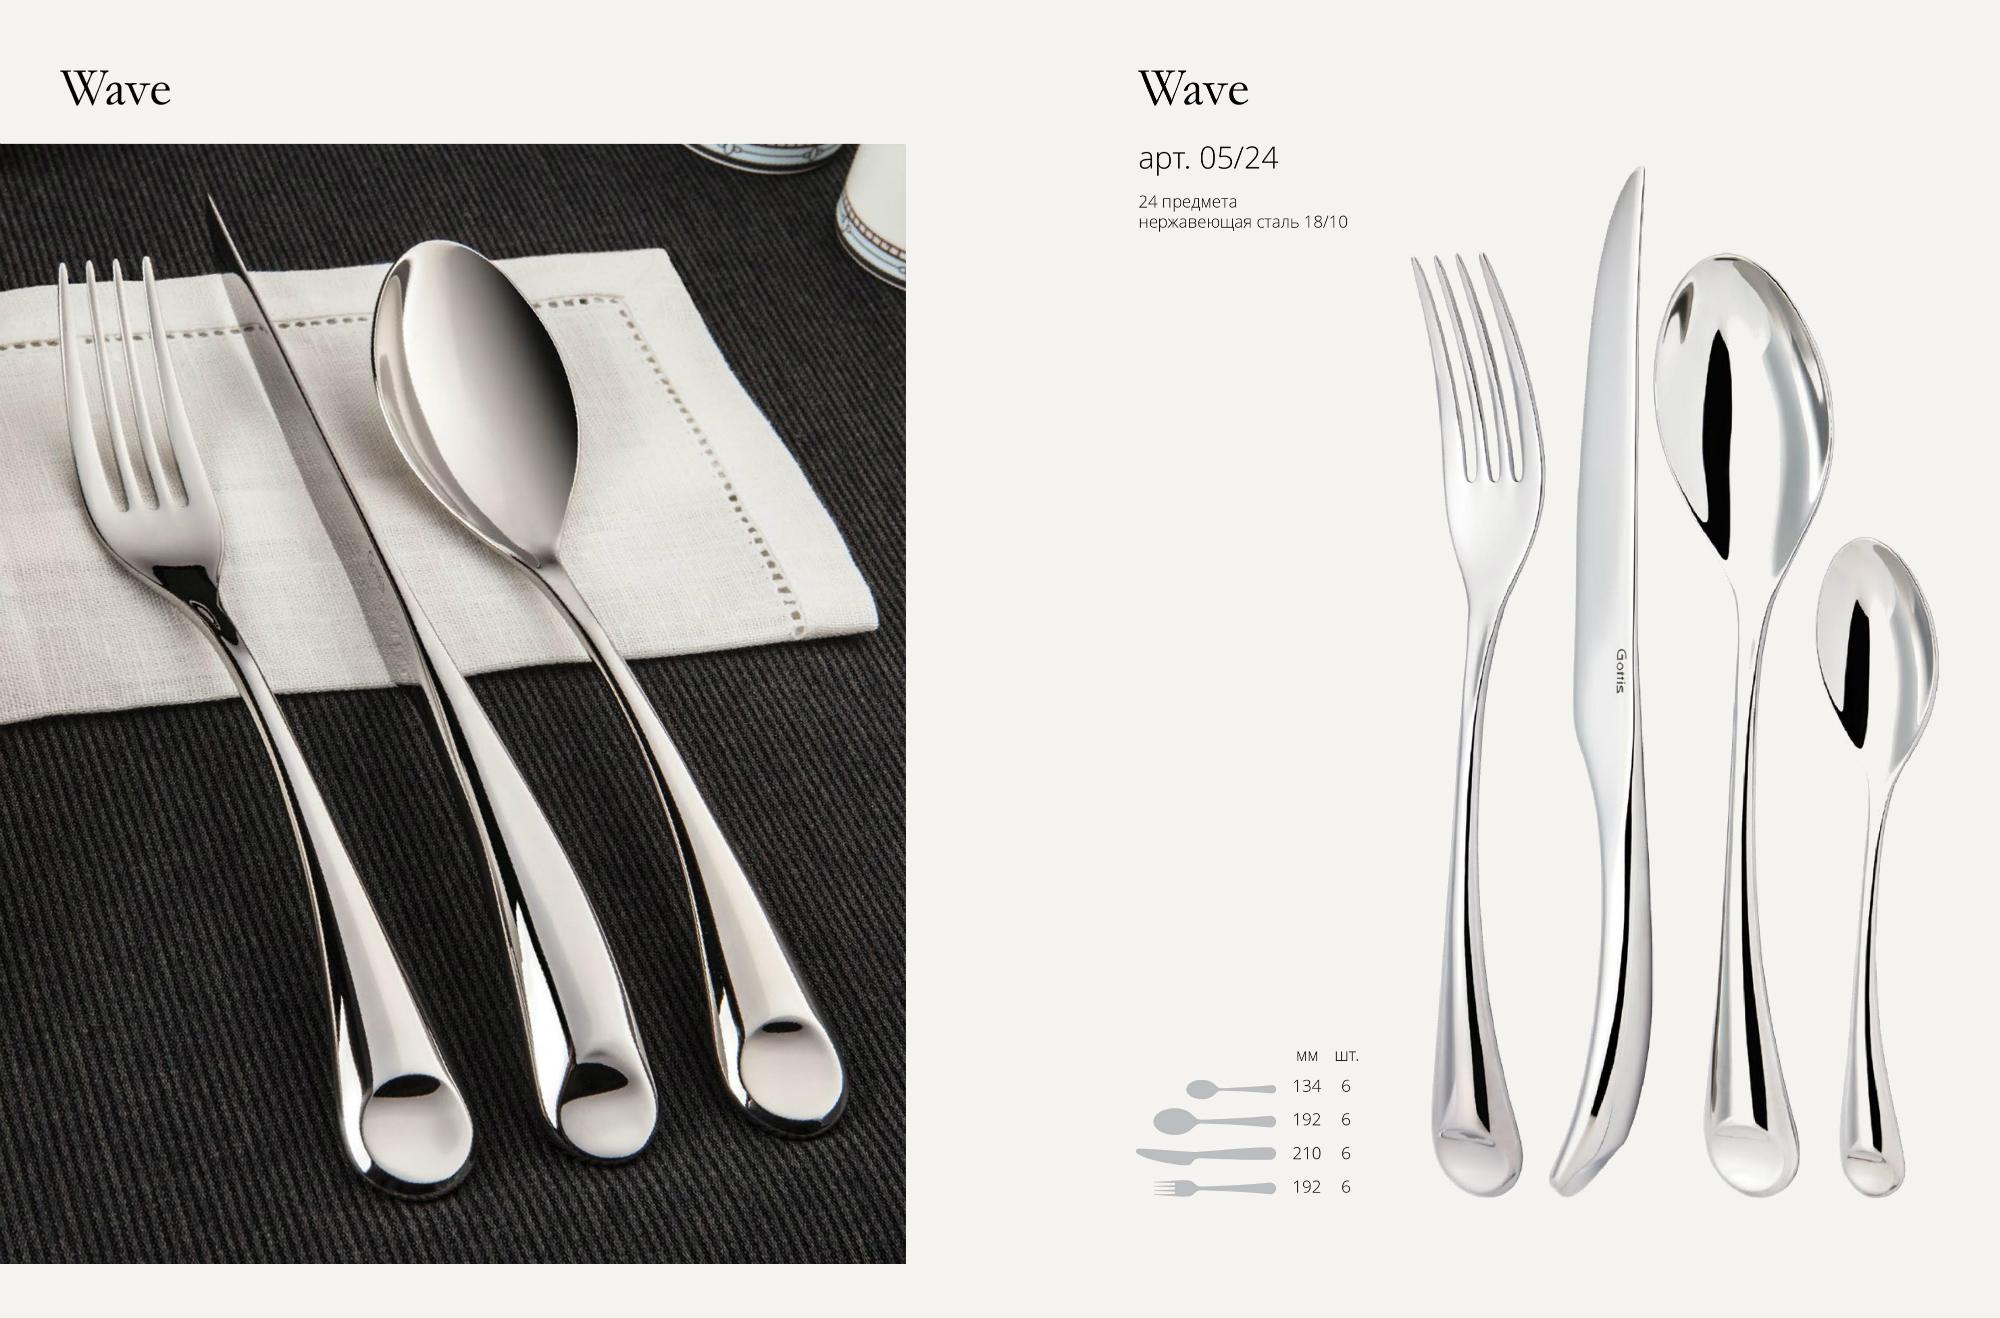 Набор столовых приборов (24 предмета / 6 персон) Gottis Wave 05/24Столовые приборы Gottis<br>Набор столовых приборов (24 предмета/6 персон) Gottis Wave 05/24<br><br>Комплектация 24 предмета:<br><br> нож столовый 210 мм - 6 шт.<br> ложка столовая 192 мм - 6 шт. <br>вилка столовая 192 мм - 6 шт. <br>ложка чайная 134 мм - 6 шт.<br><br>Столовые приборы Wave — это сдержанная роскошь, воплощенная в высококачественной нержавеющей стали. Волнообразный профиль столовых приборов станет настоящей находкой для утонченных покупателей, гармонично сочетаясь с любым стилем столовой посуды. Уникальная форма ножа выполнена таким образом, что позволяет располагать нож в разных ракурсах, делая сервировку неповторимой.<br>Подходит для использования в посудомоечной машине.<br>